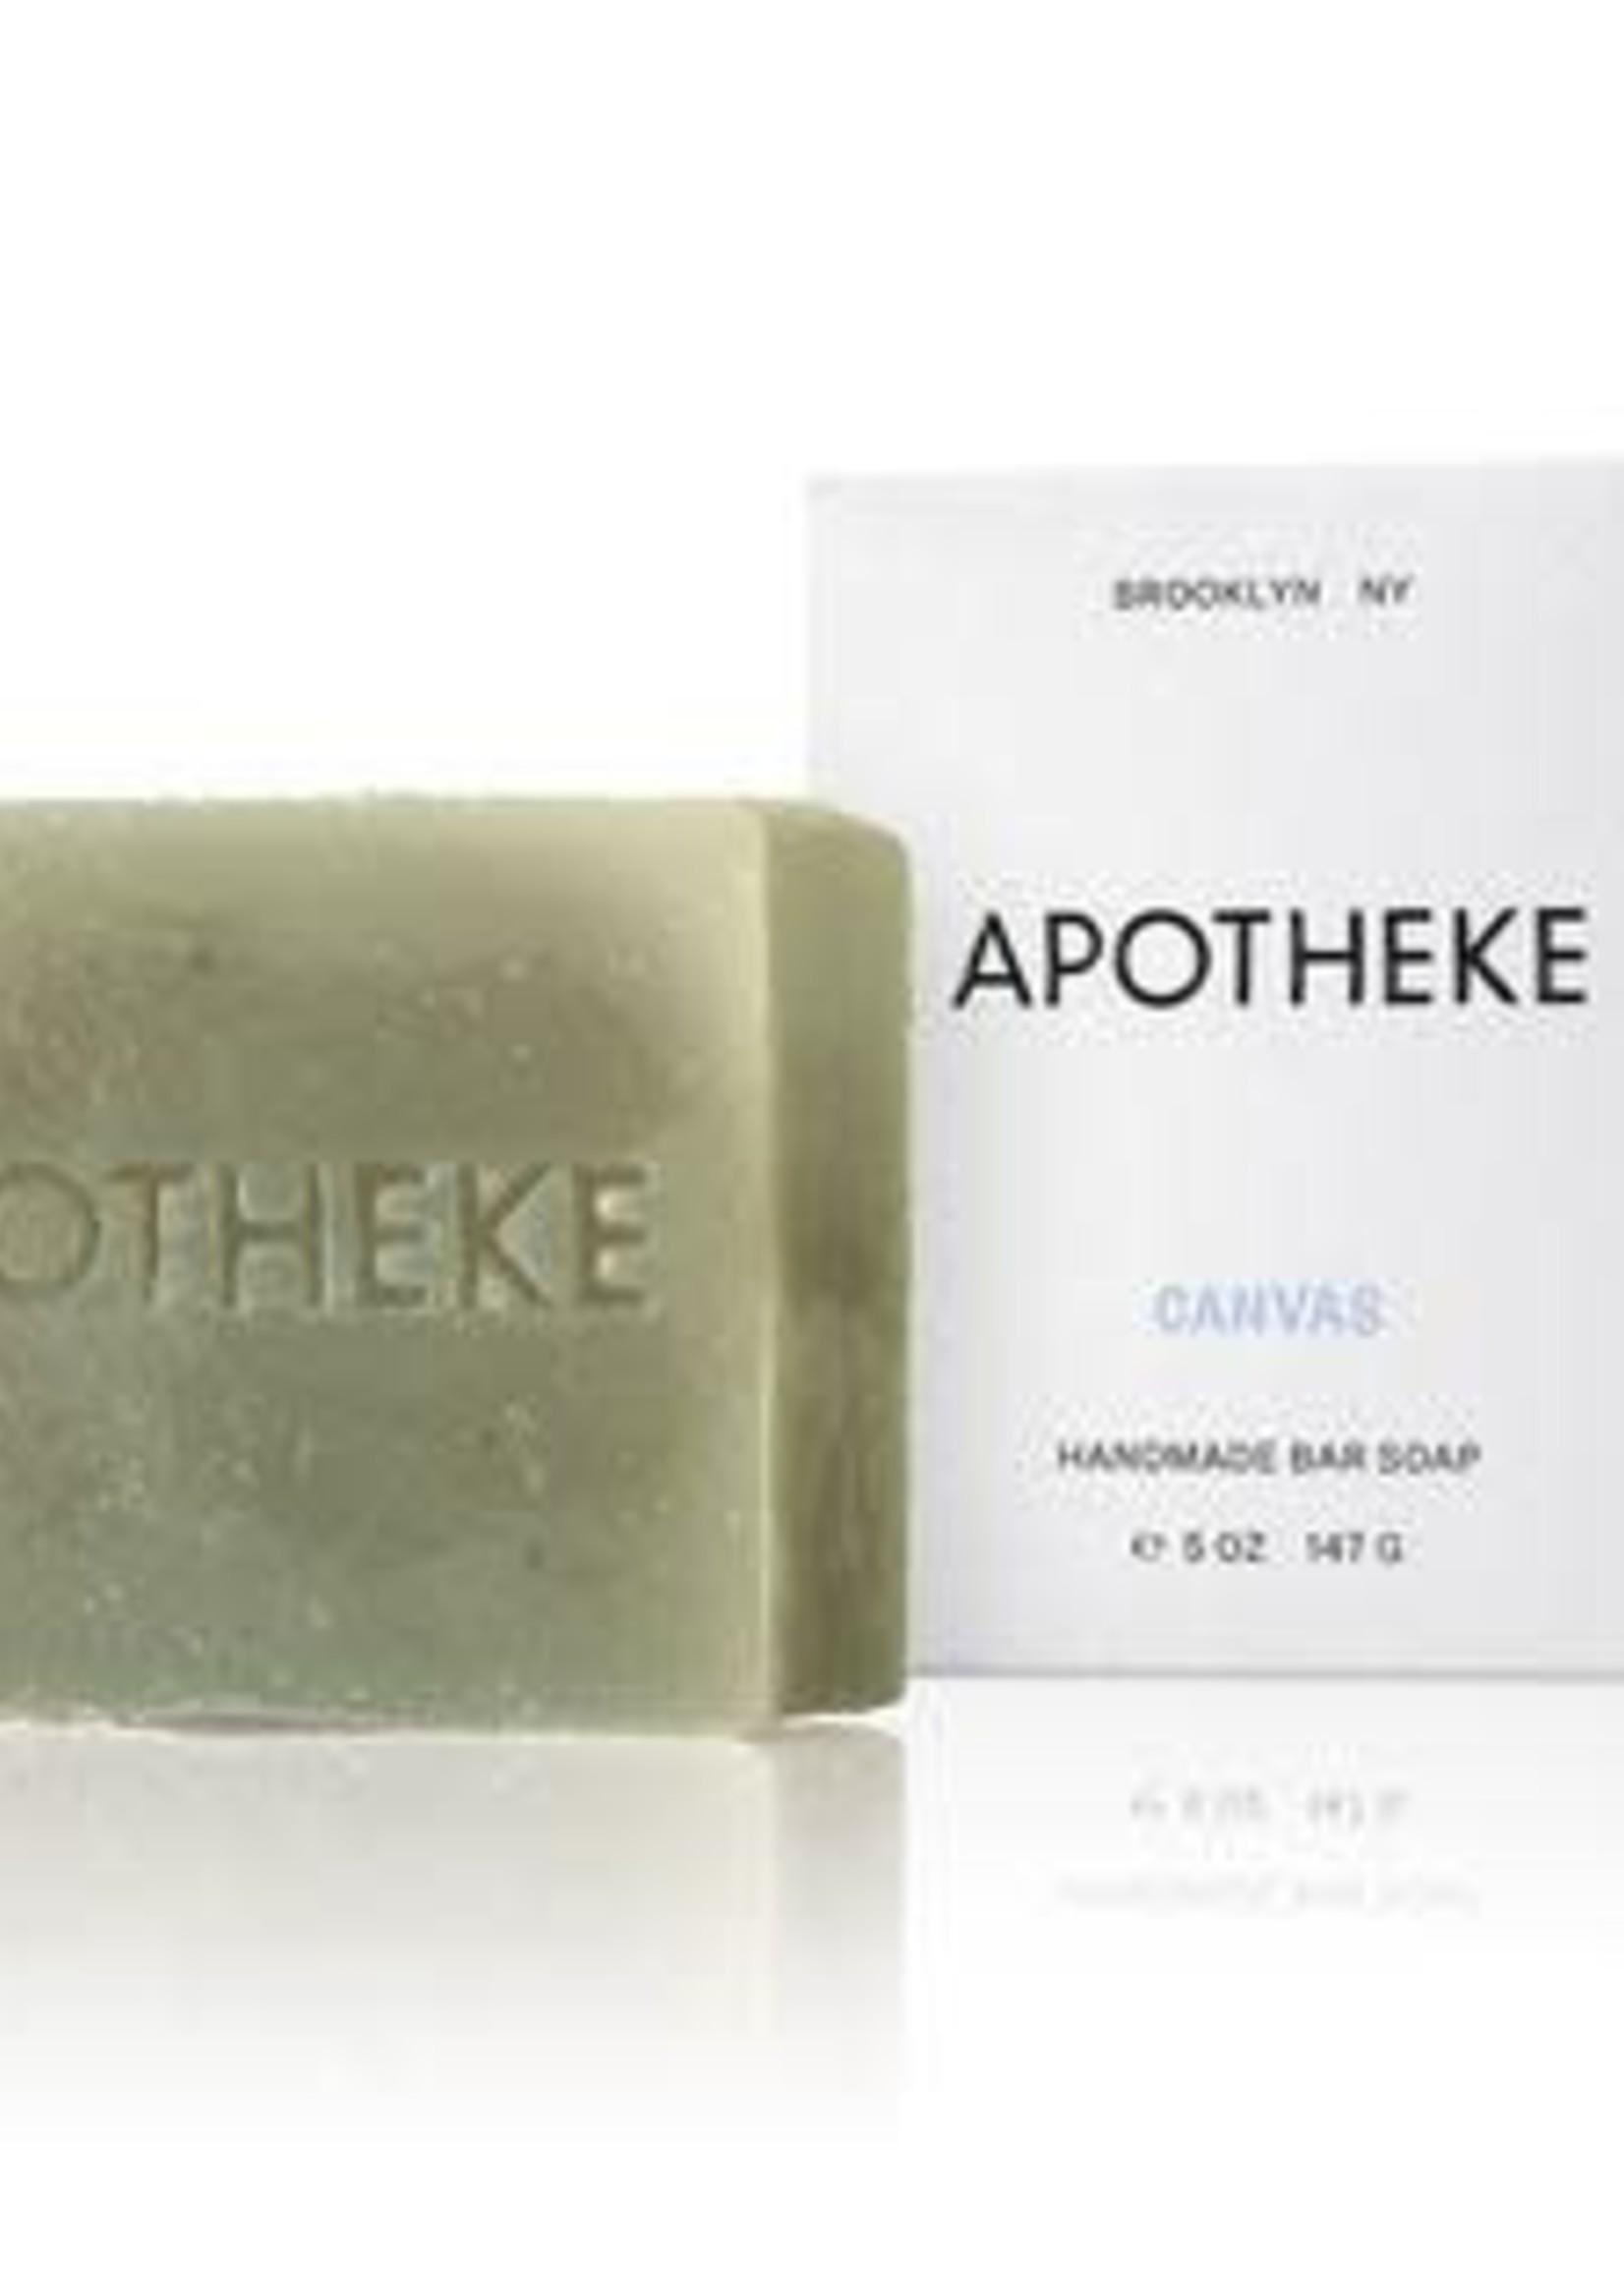 Apotheke Apotheke Canvas Bar Soap